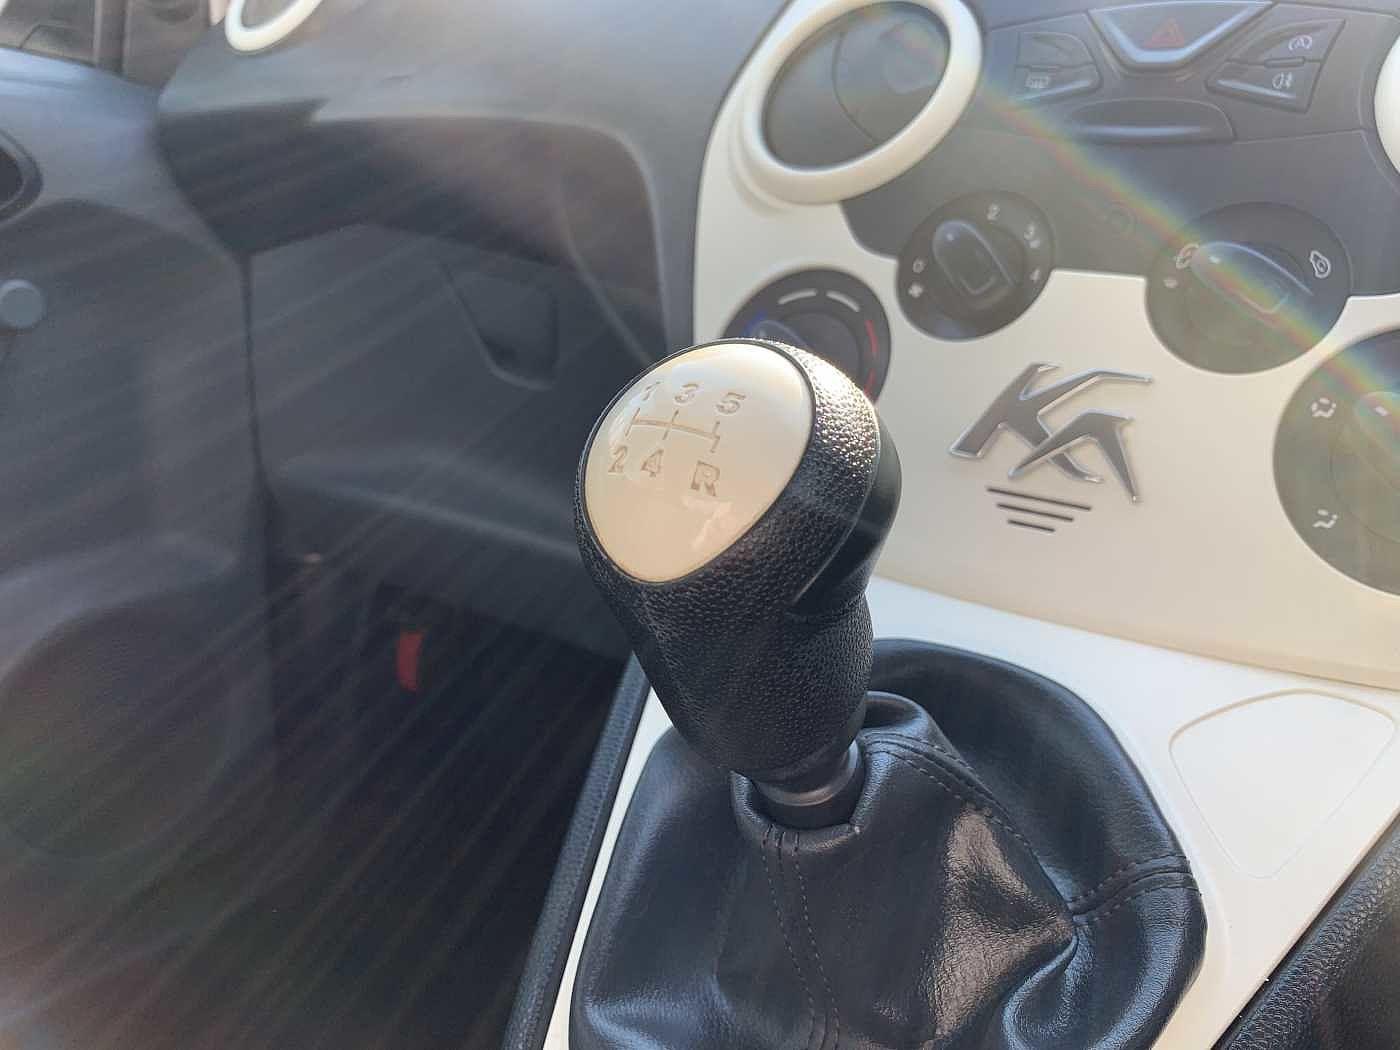 Ford Ka 1.2 [69] Studio 3dr Hatchback